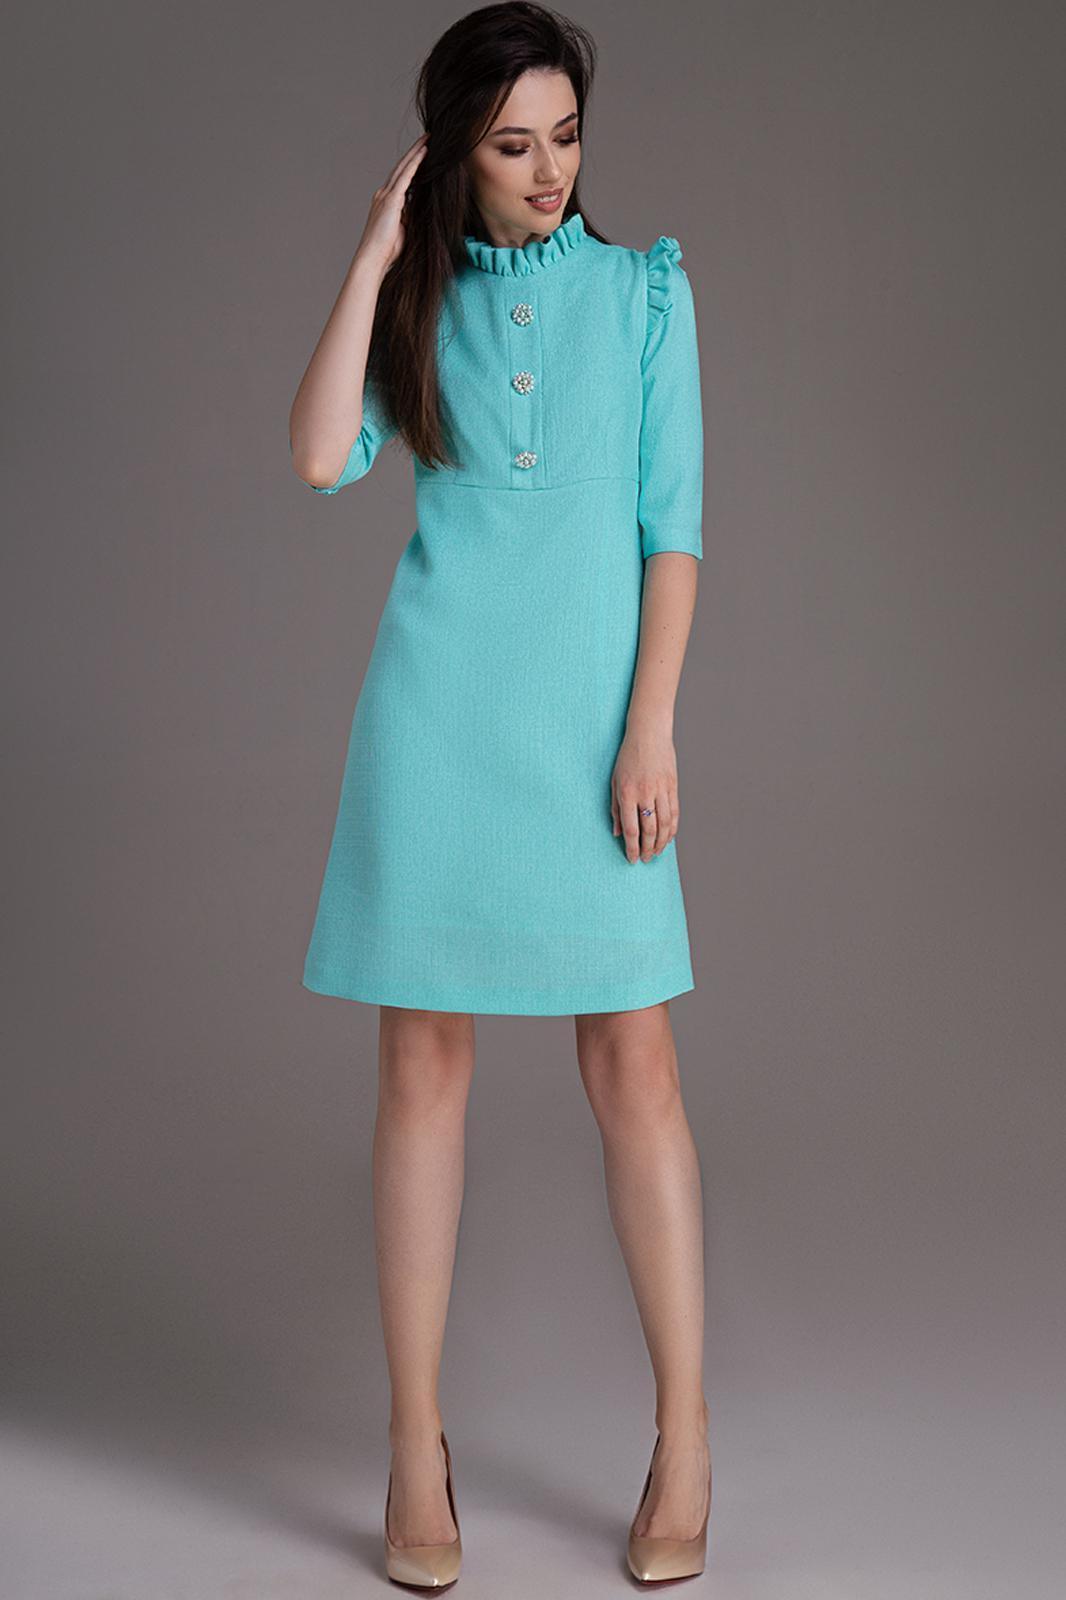 Купить Платье Dilanavip, 1217 бирюзовый, Беларусь